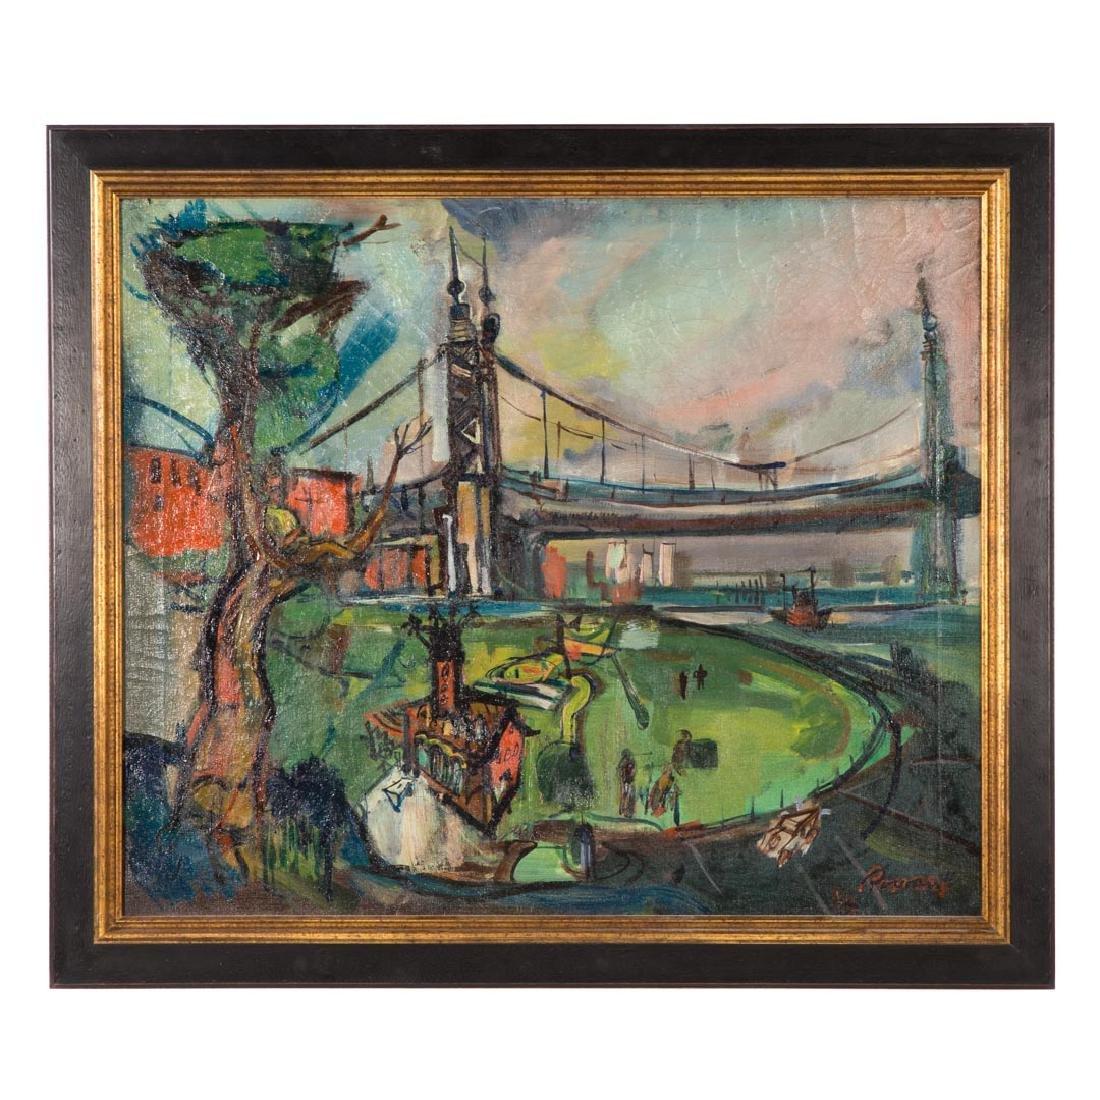 Rowan. Roosevelt Island, East River, oil on canvas